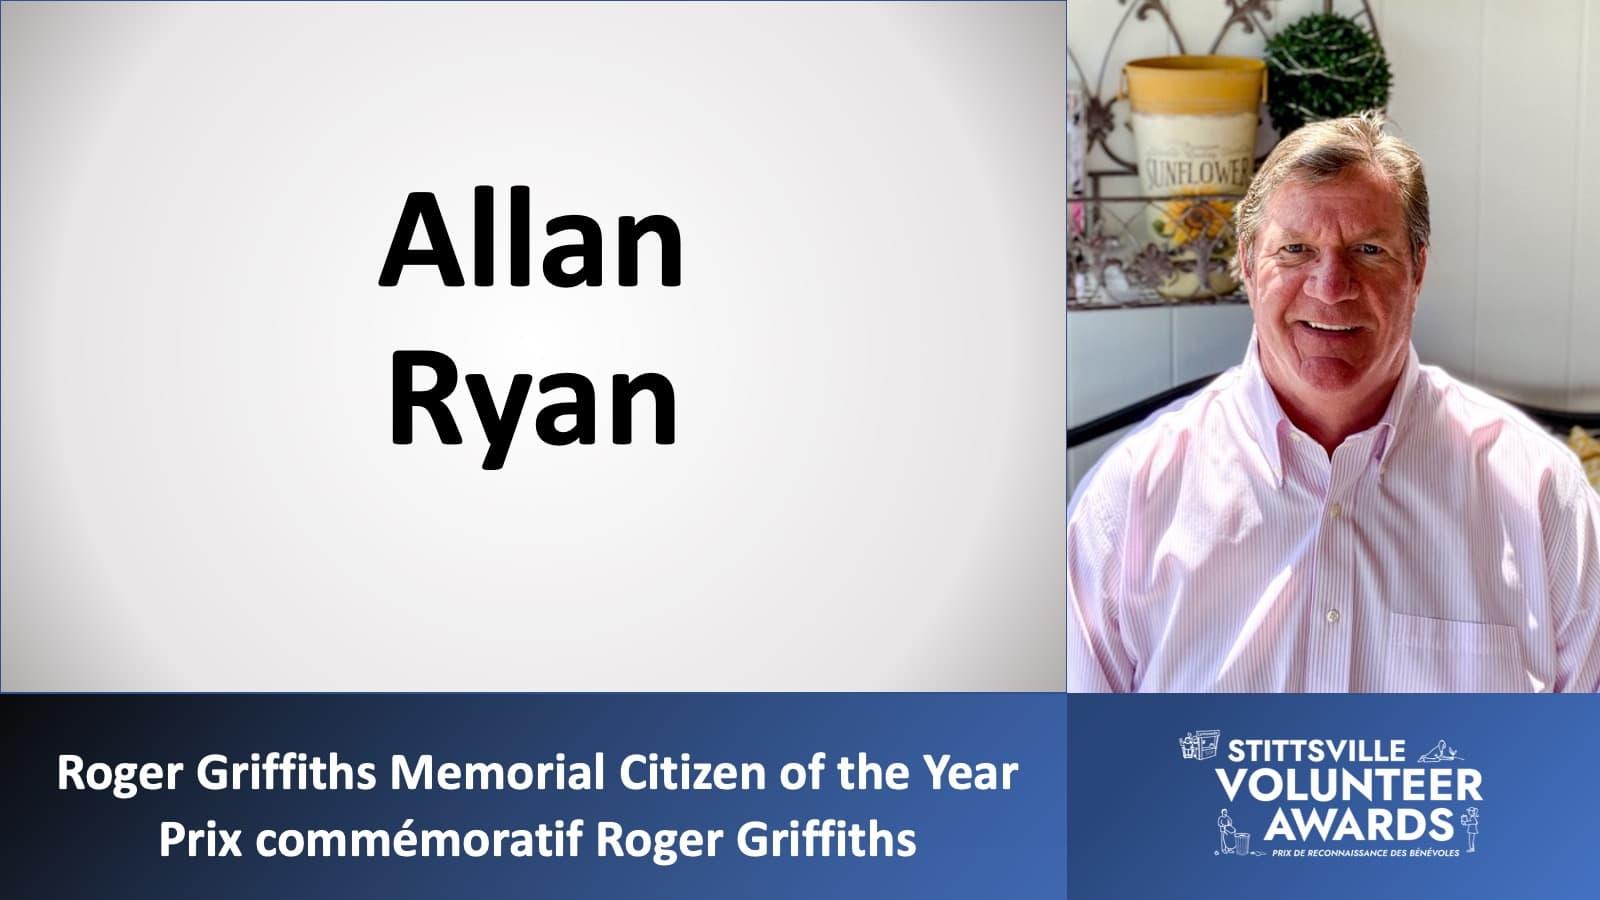 Allaan Ryan